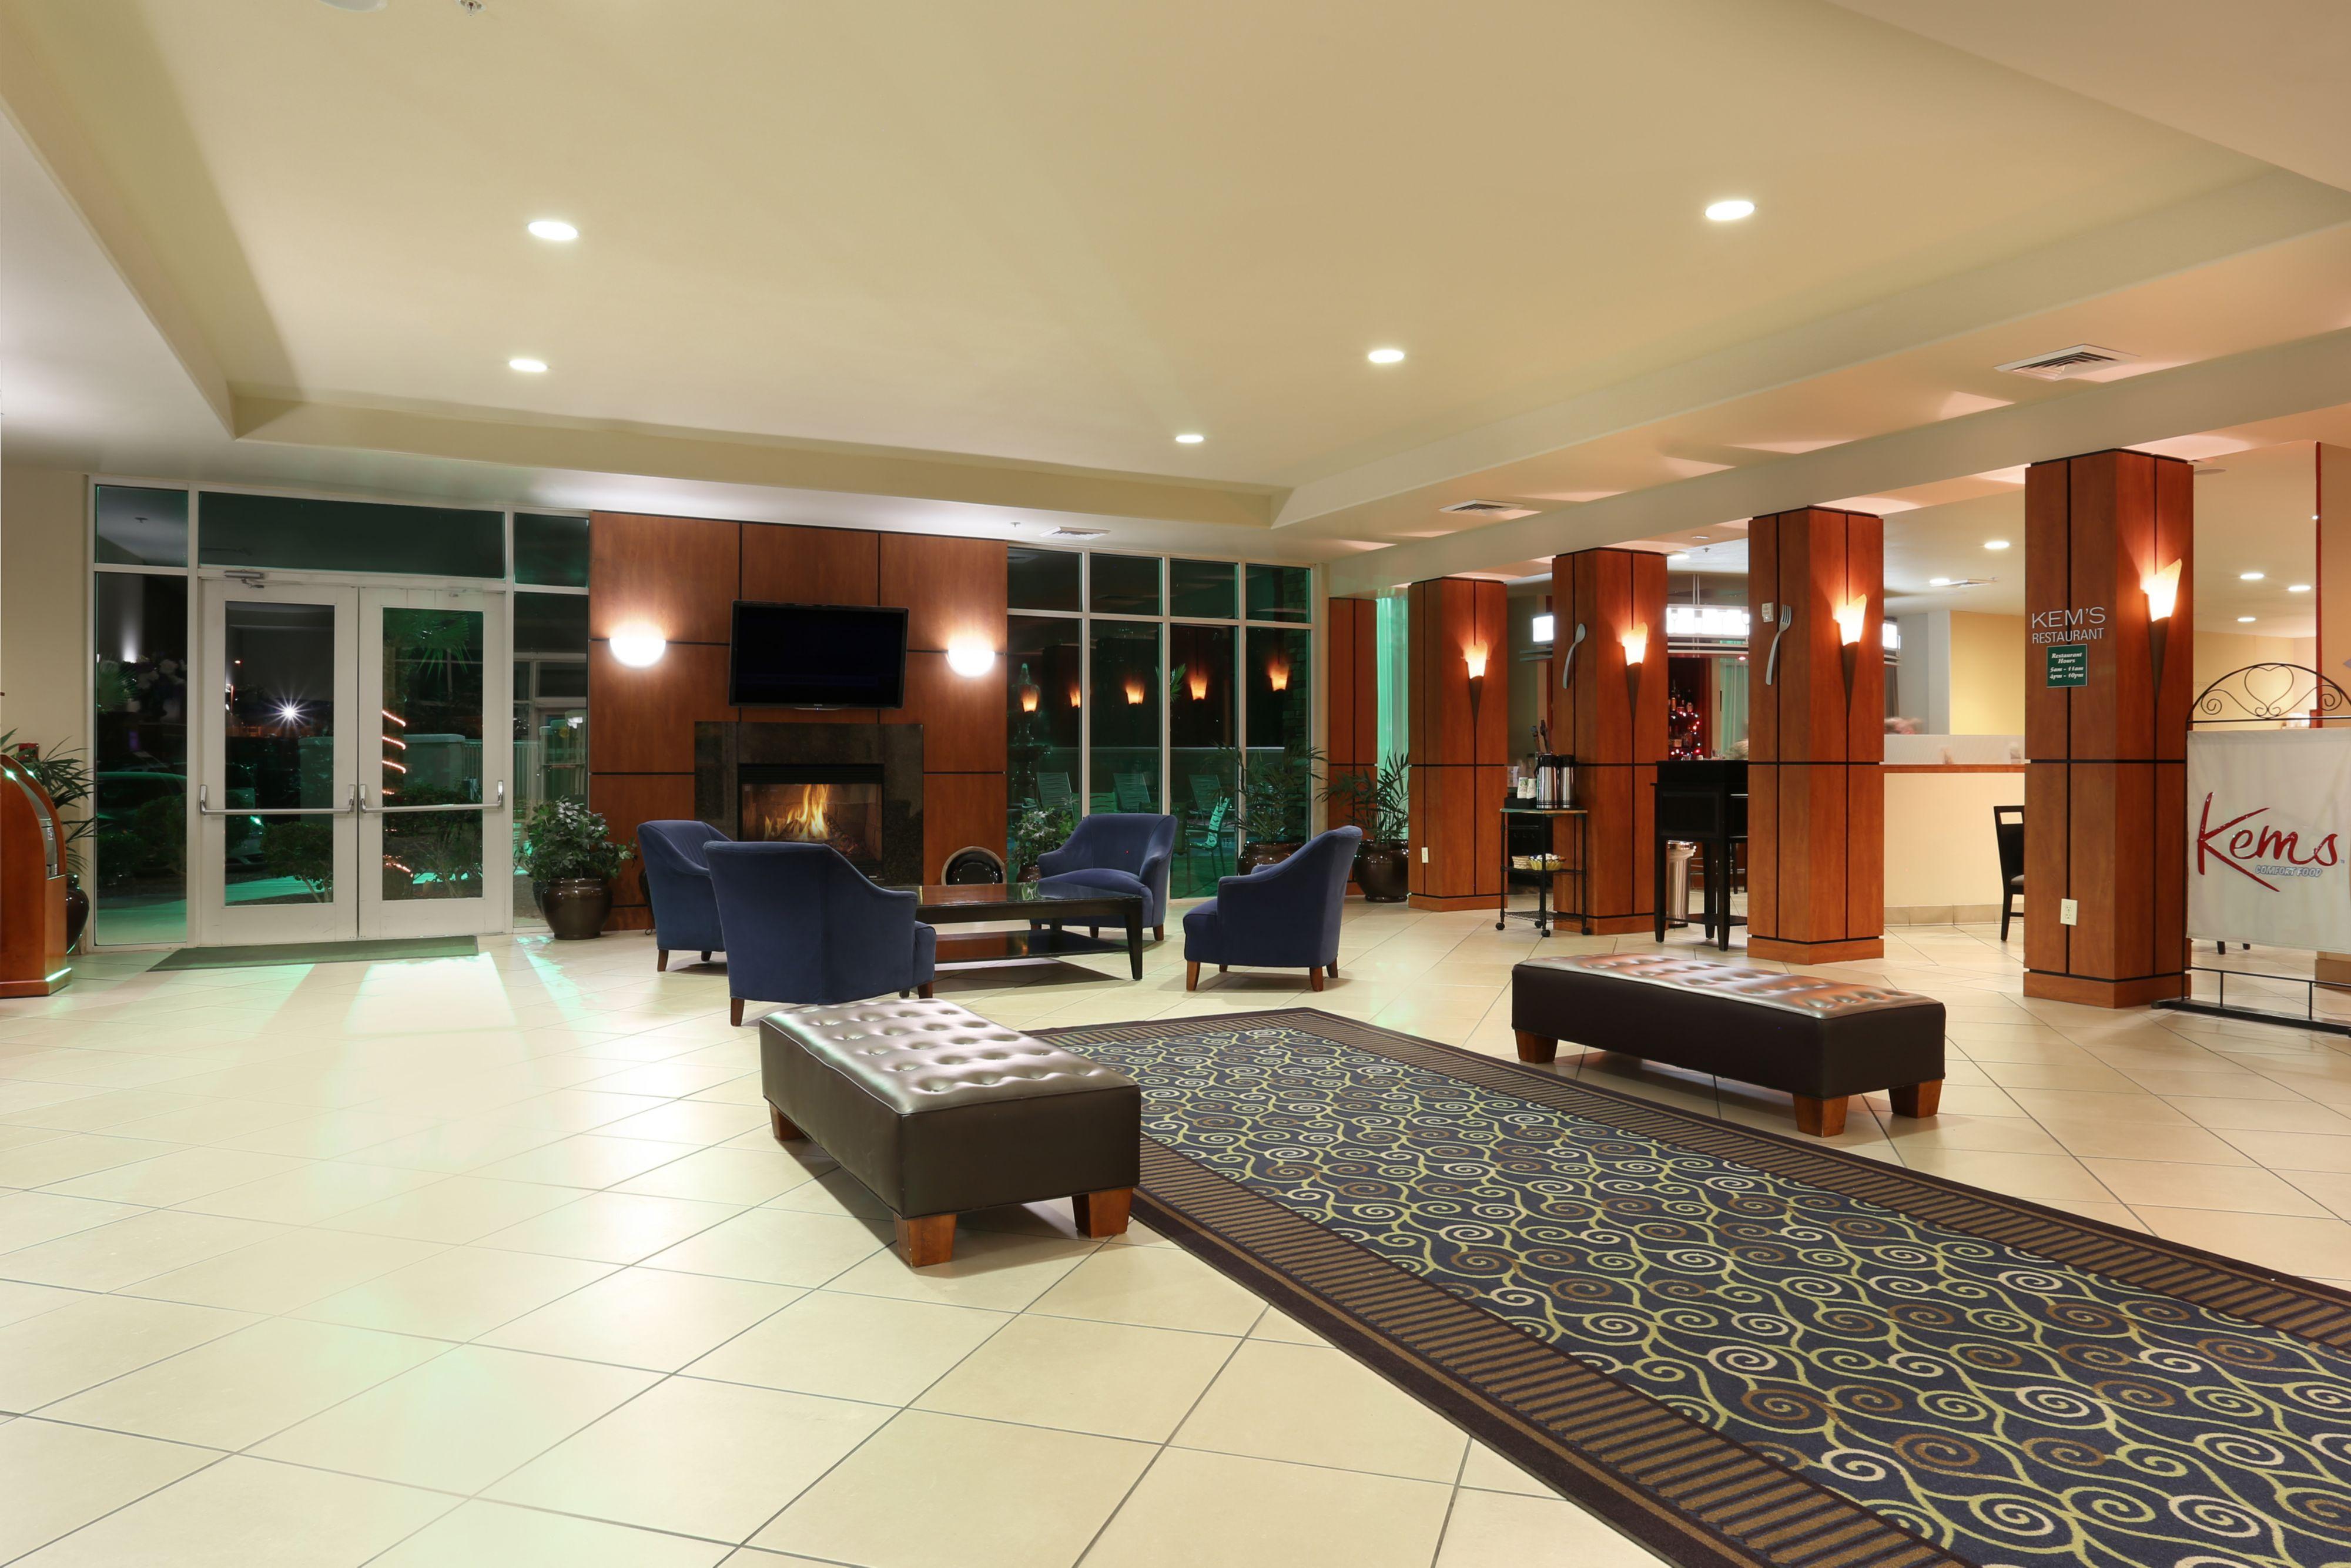 Holiday Inn Yuma image 4